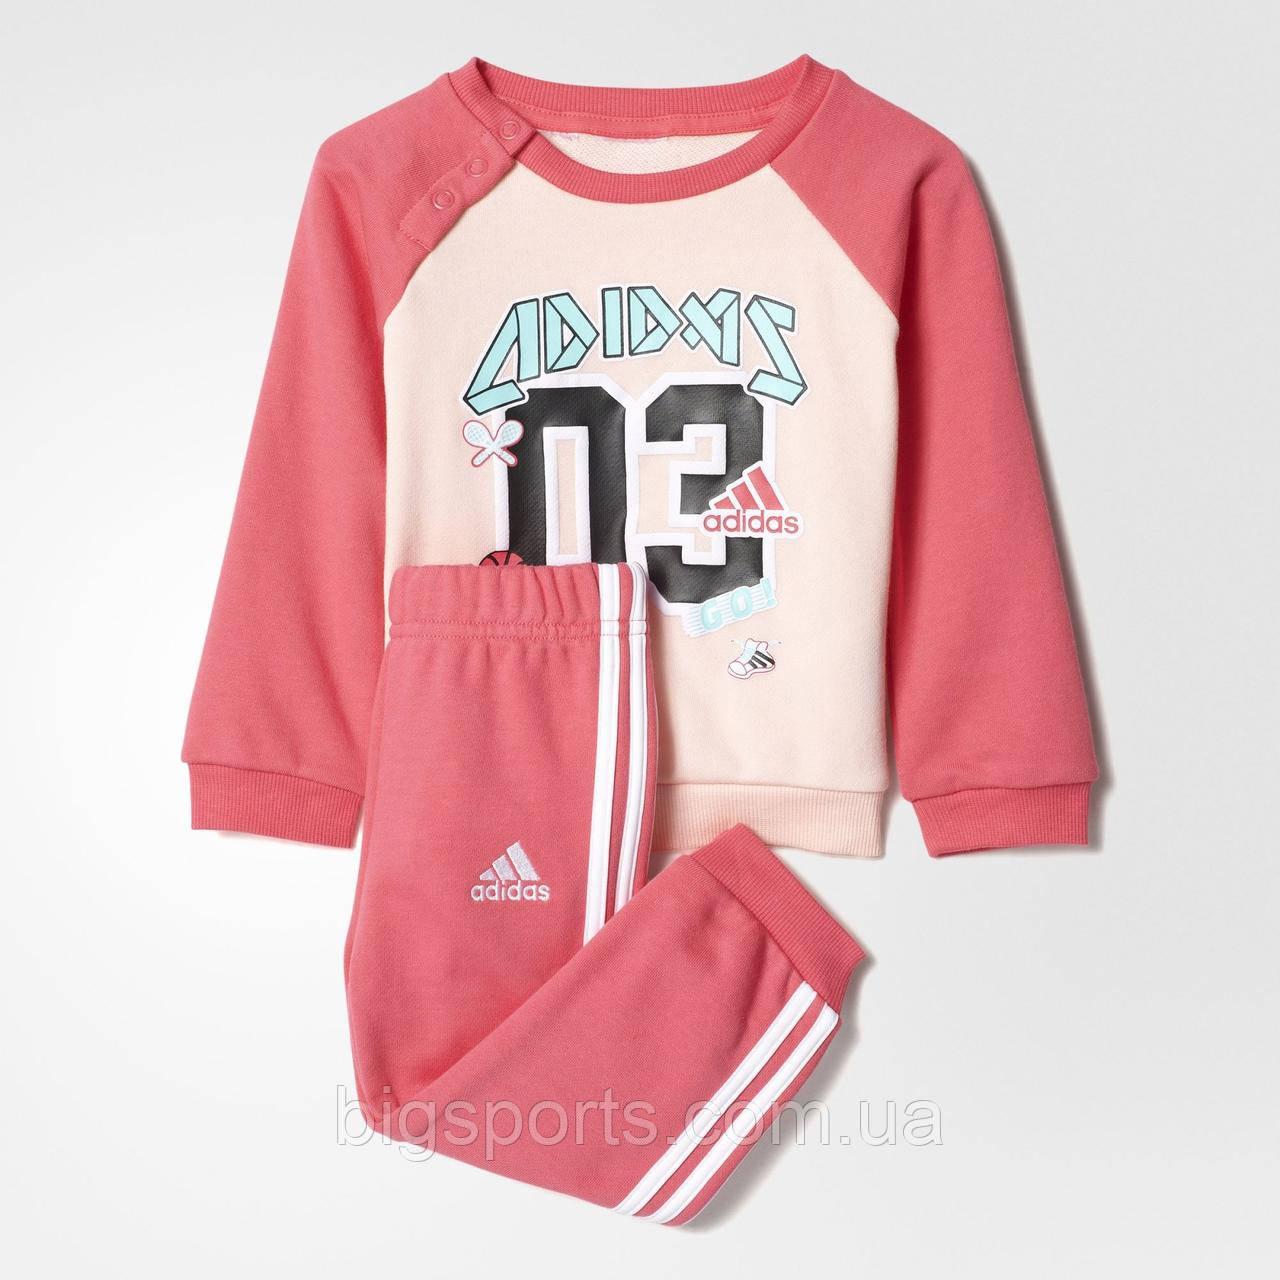 Костюм дет. Adidas French Terry Kids (арт. CE9553)